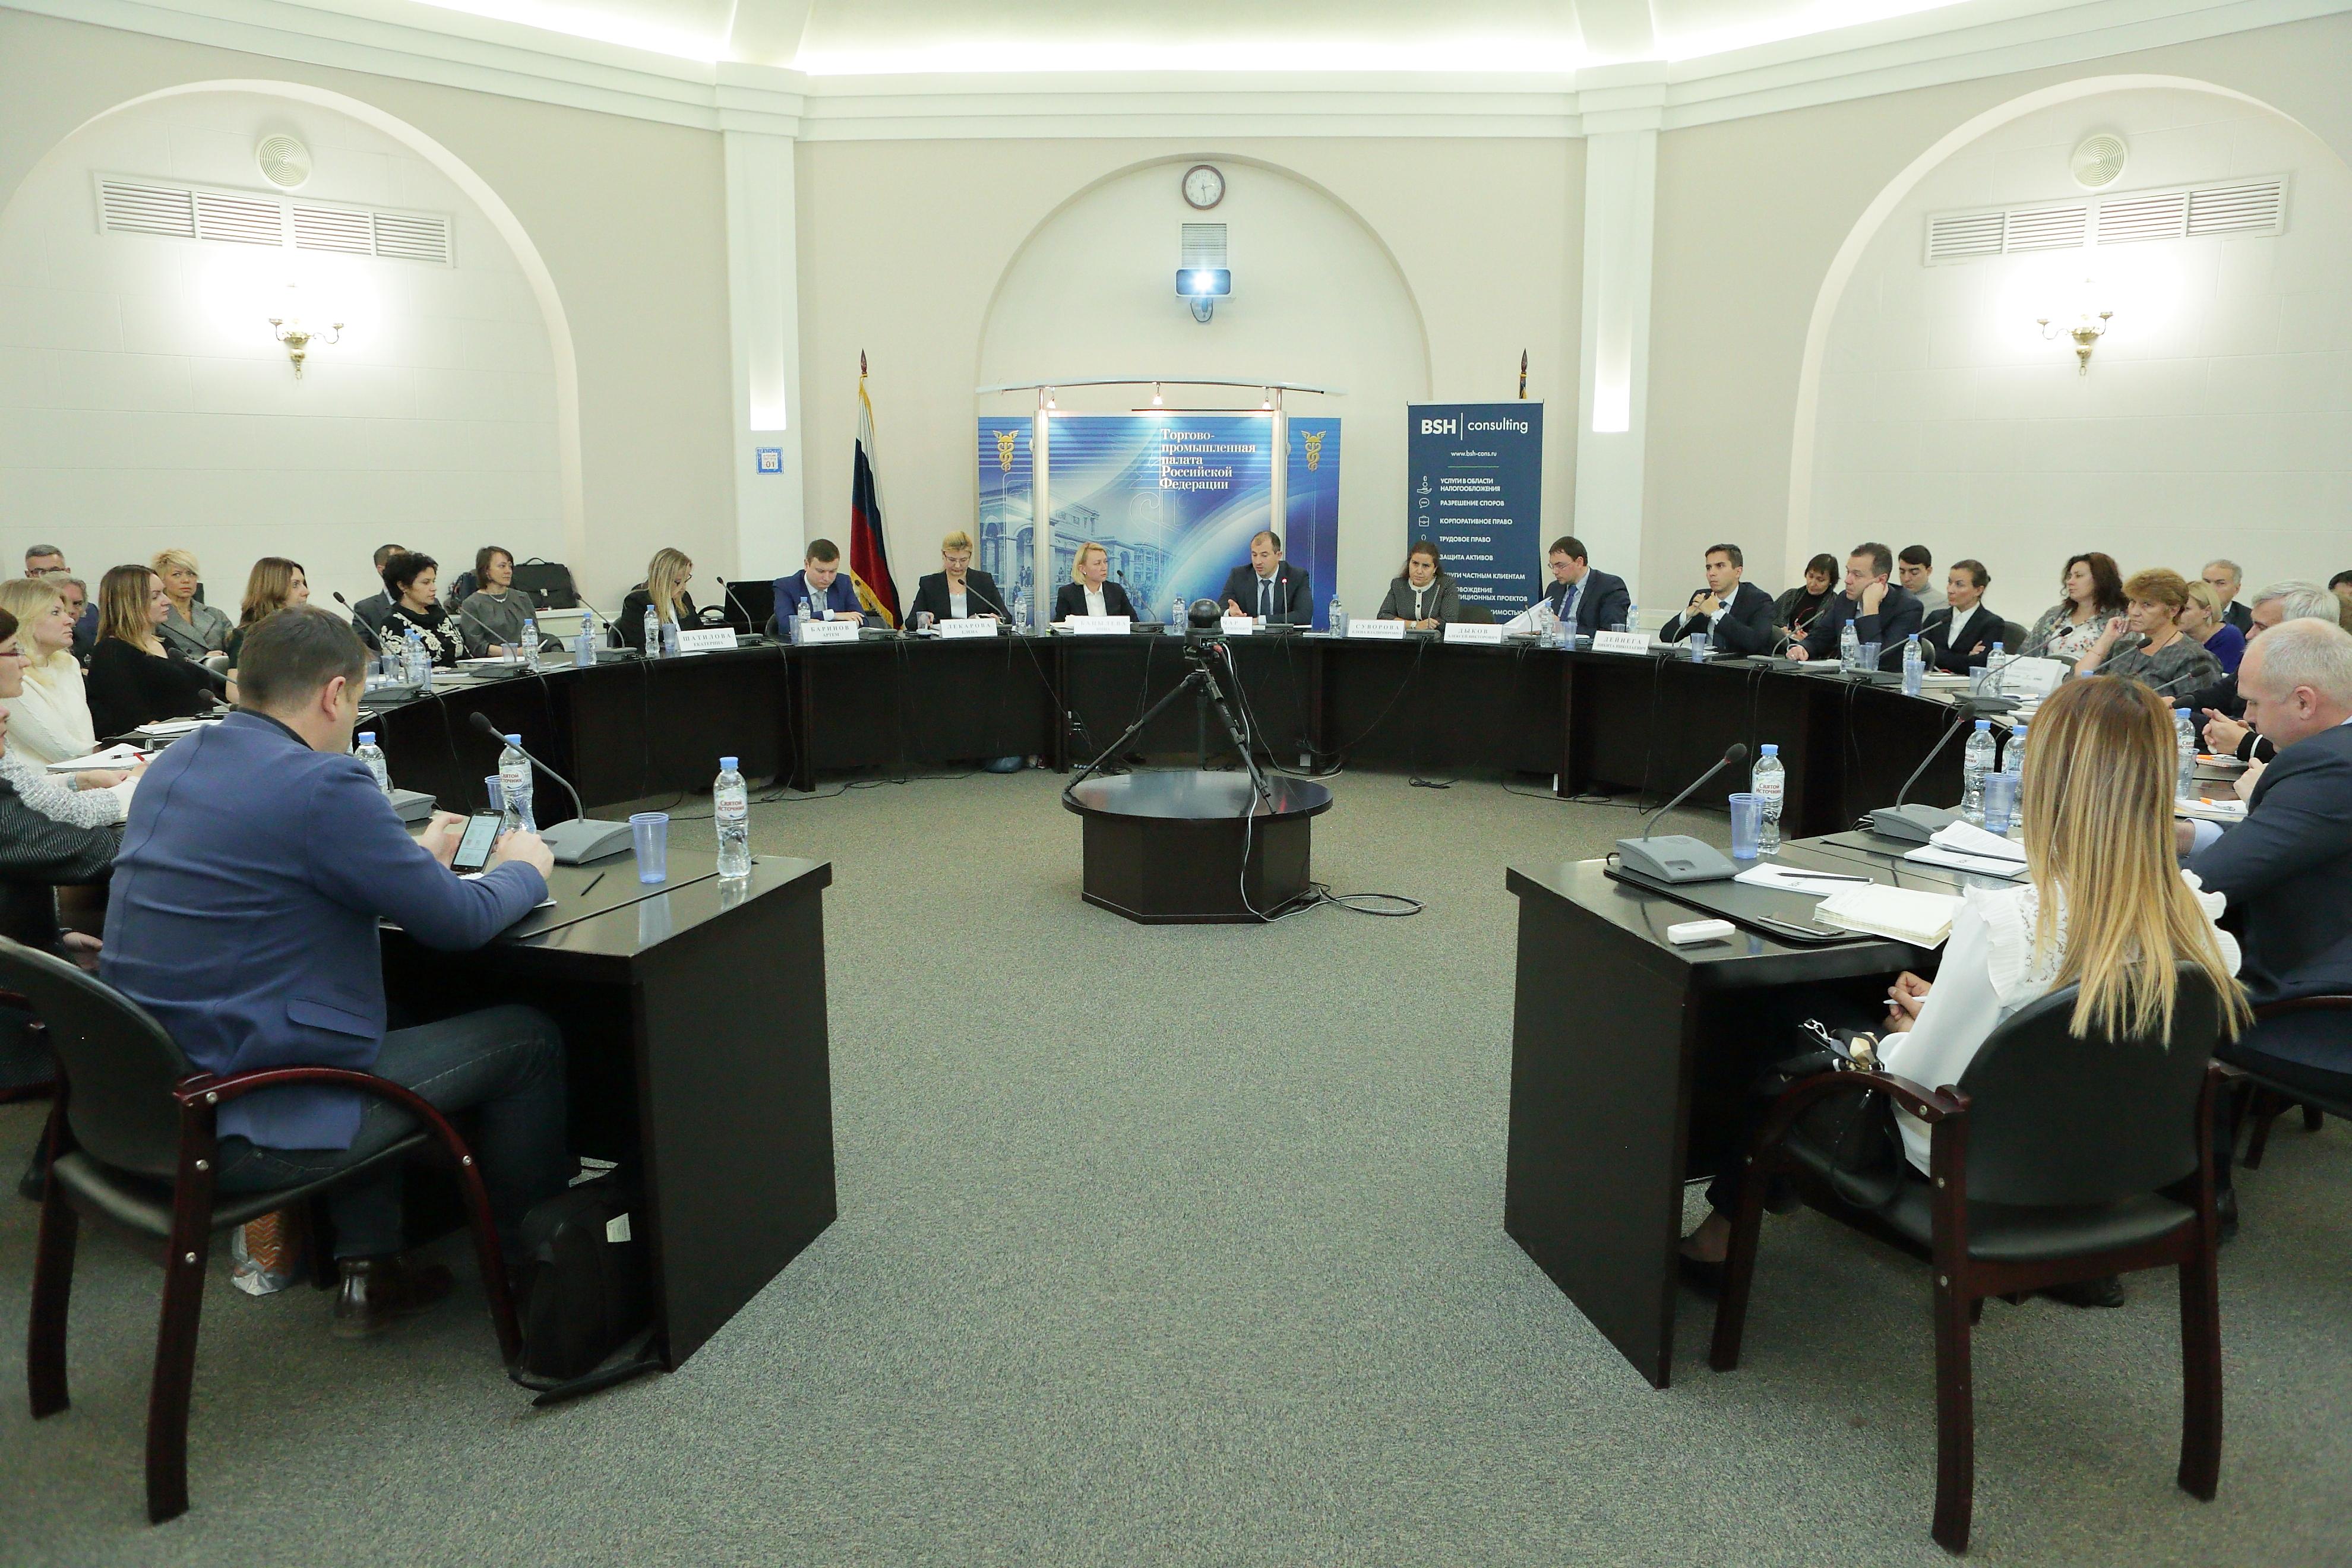 Компания BSH consulting приняла участие в XIV Всероссийском налоговом форуме «Кодификация налогового законодательства России: XX лет»